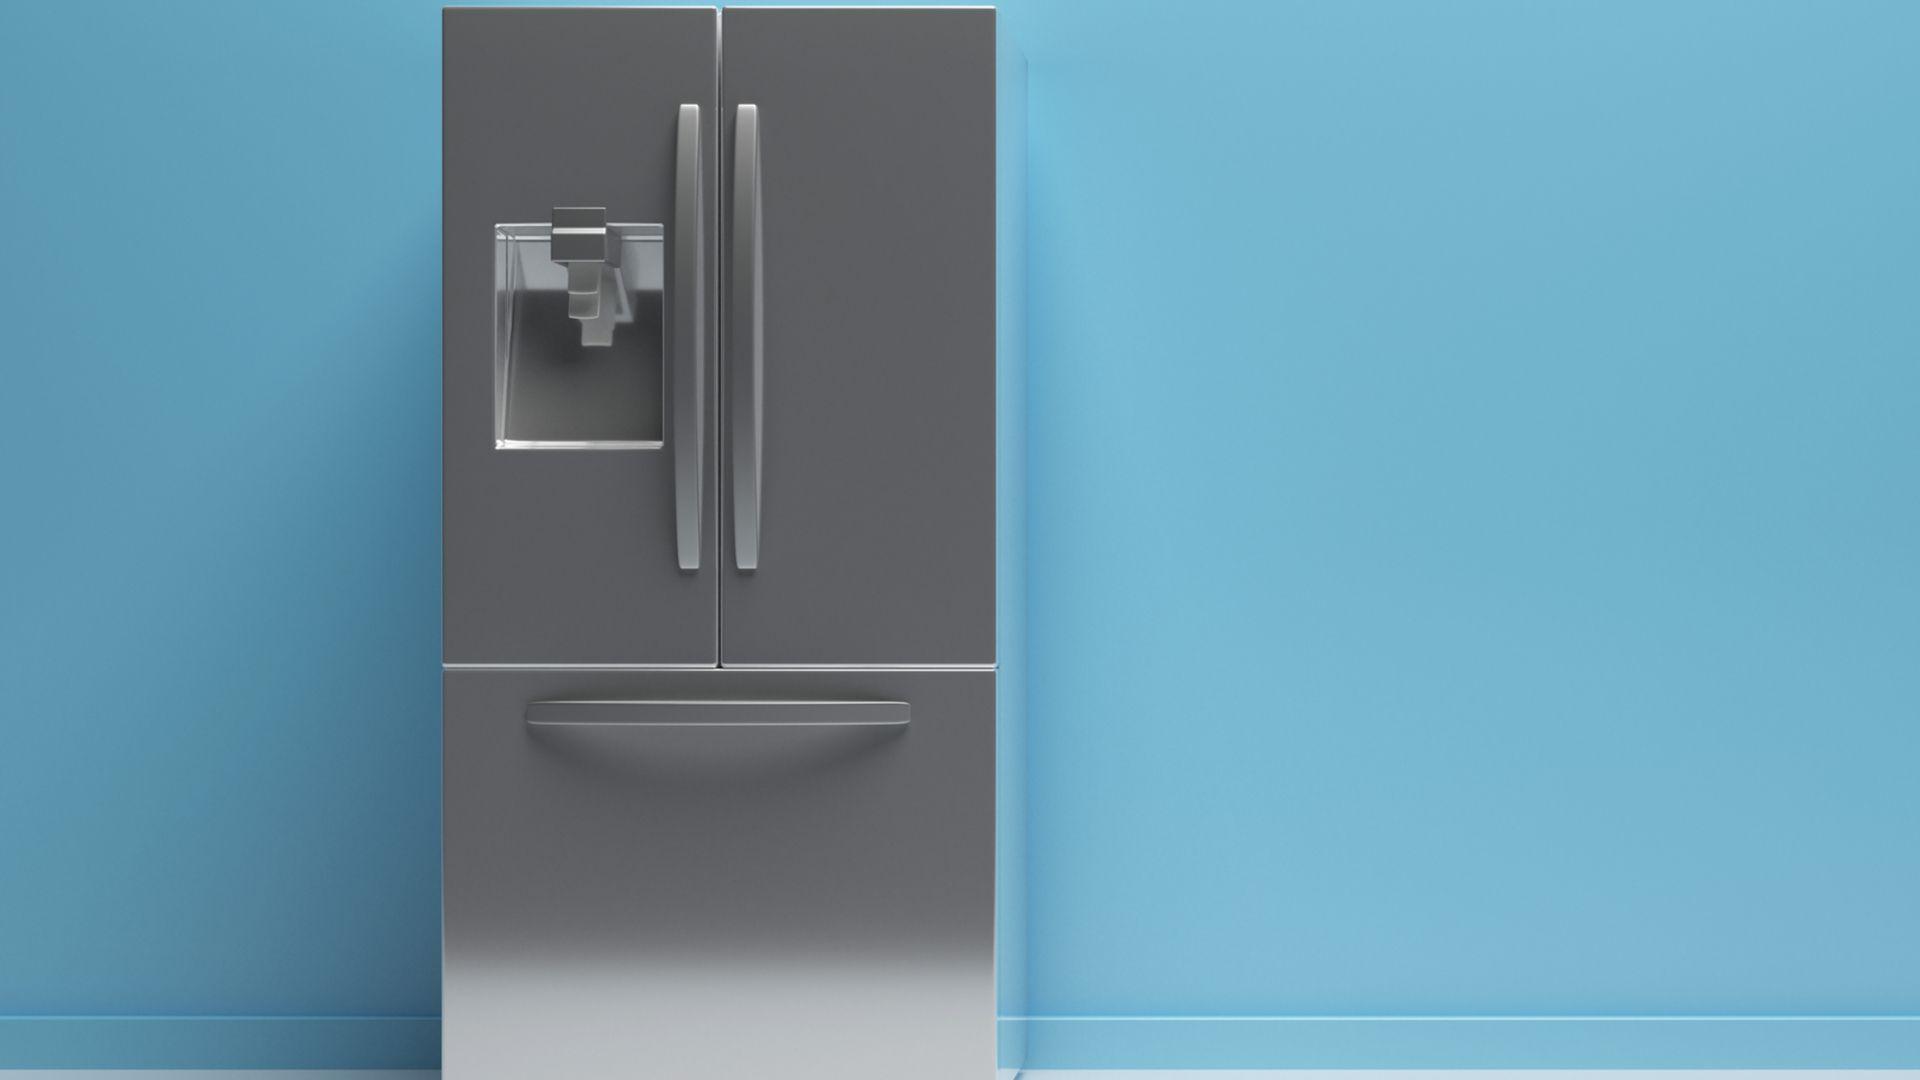 Melhor geladeira 3 portas 2021: veja a seleção